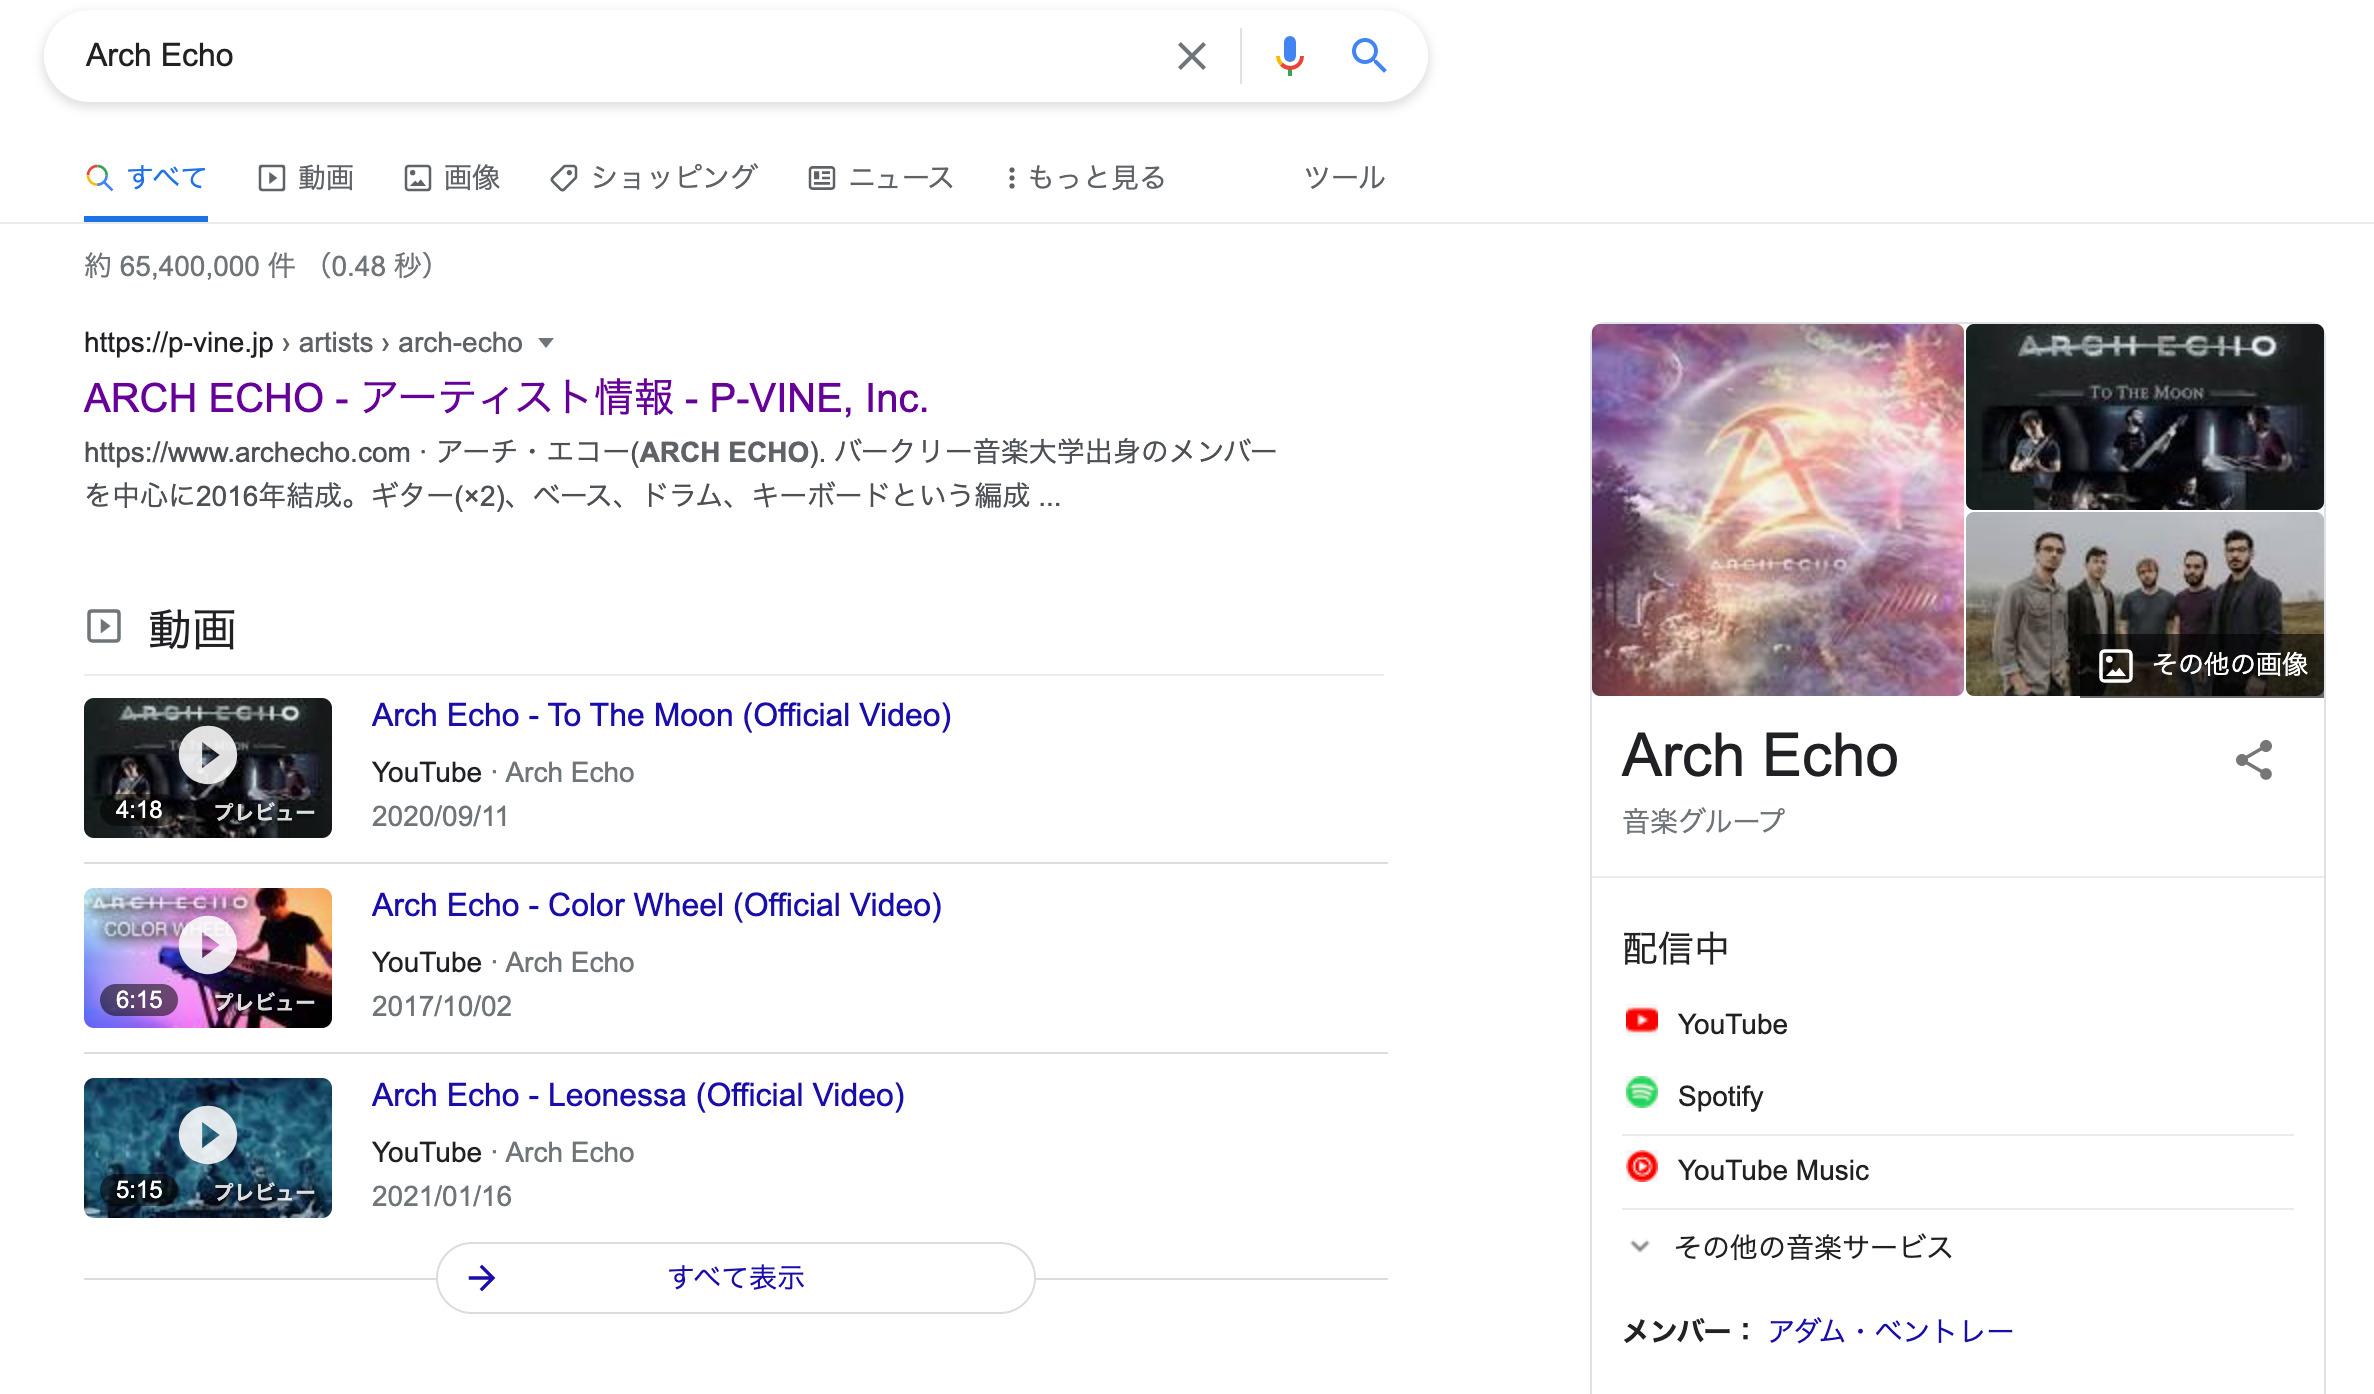 Arch Echo検索結果